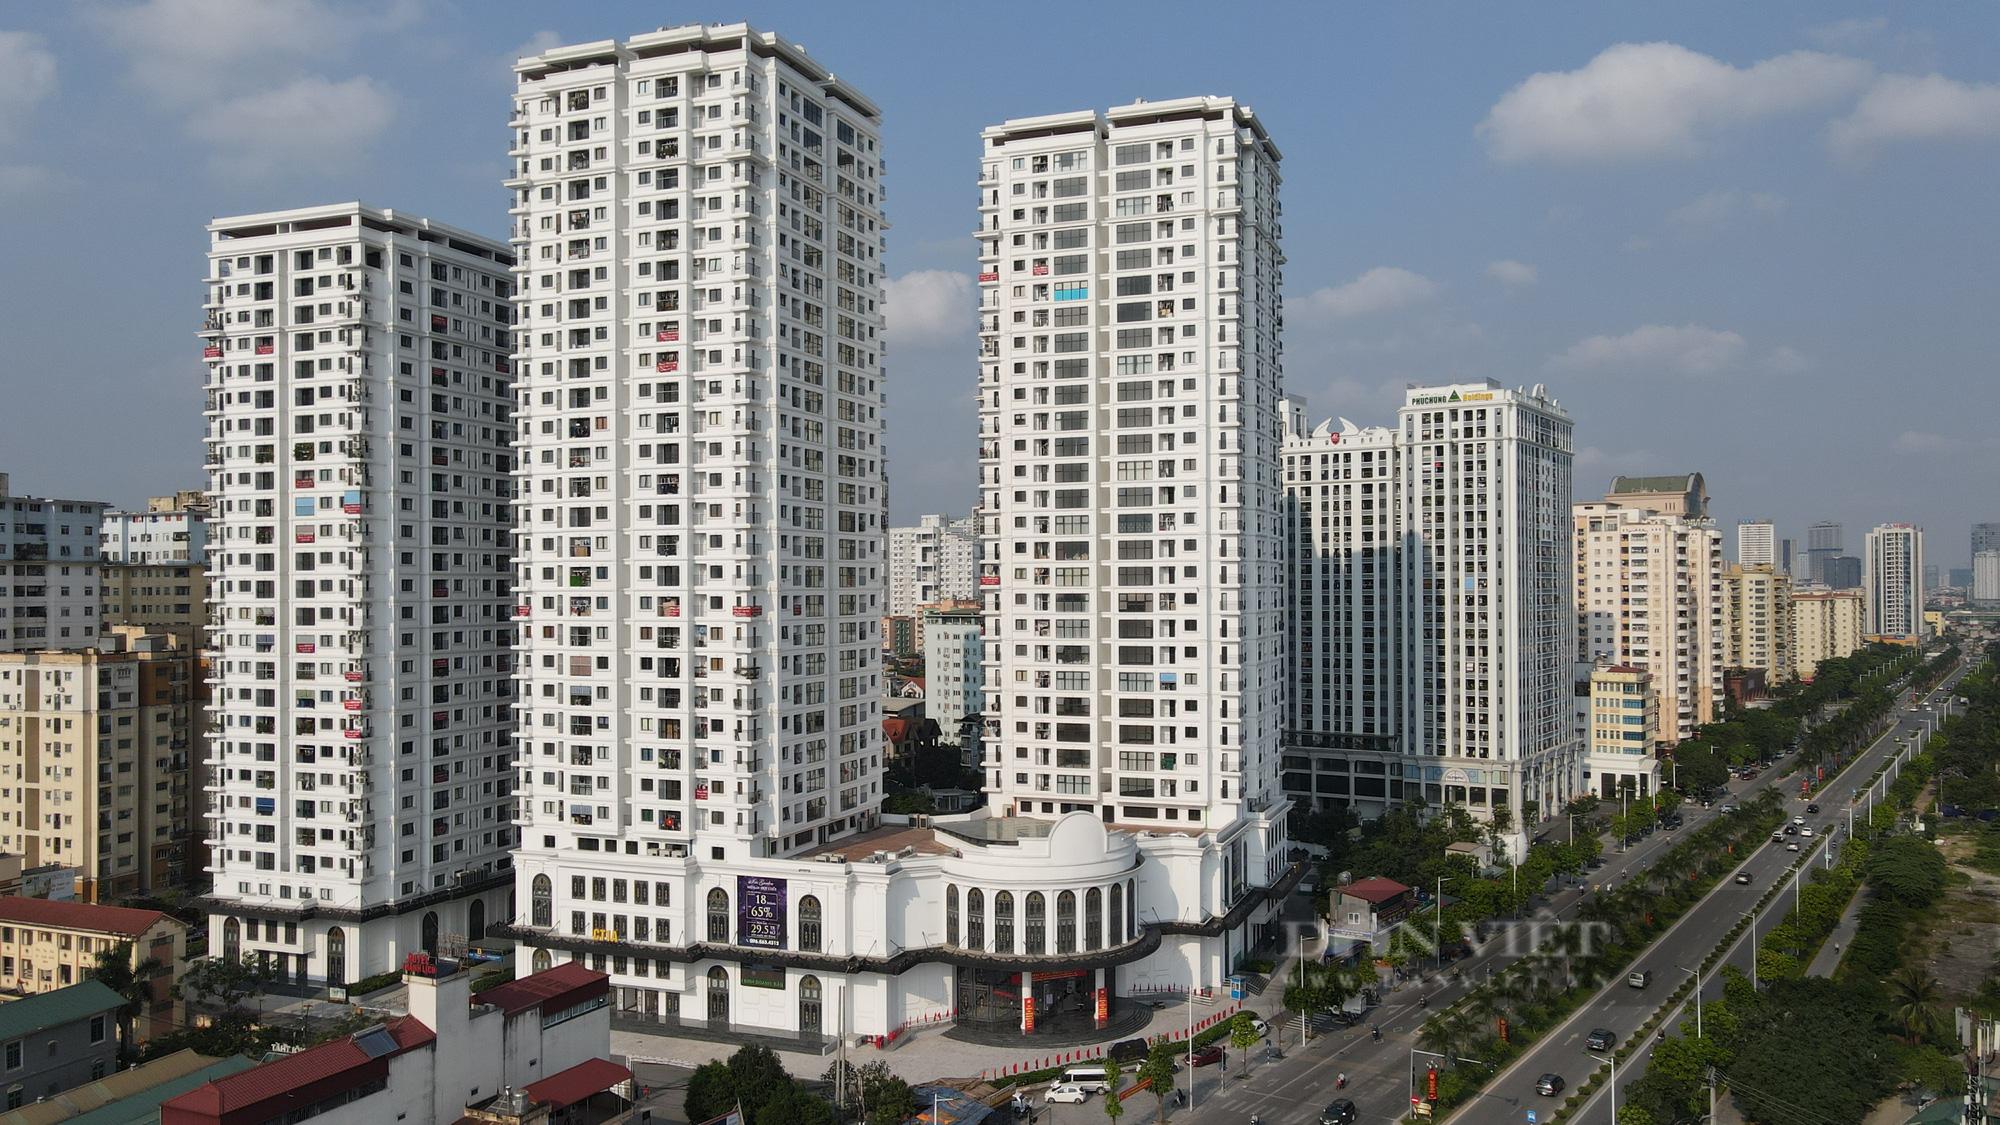 Dịch Covid-19 kéo dài, nhiều chủ đầu tư dự án bất động sản 'ém hàng' - Ảnh 1.